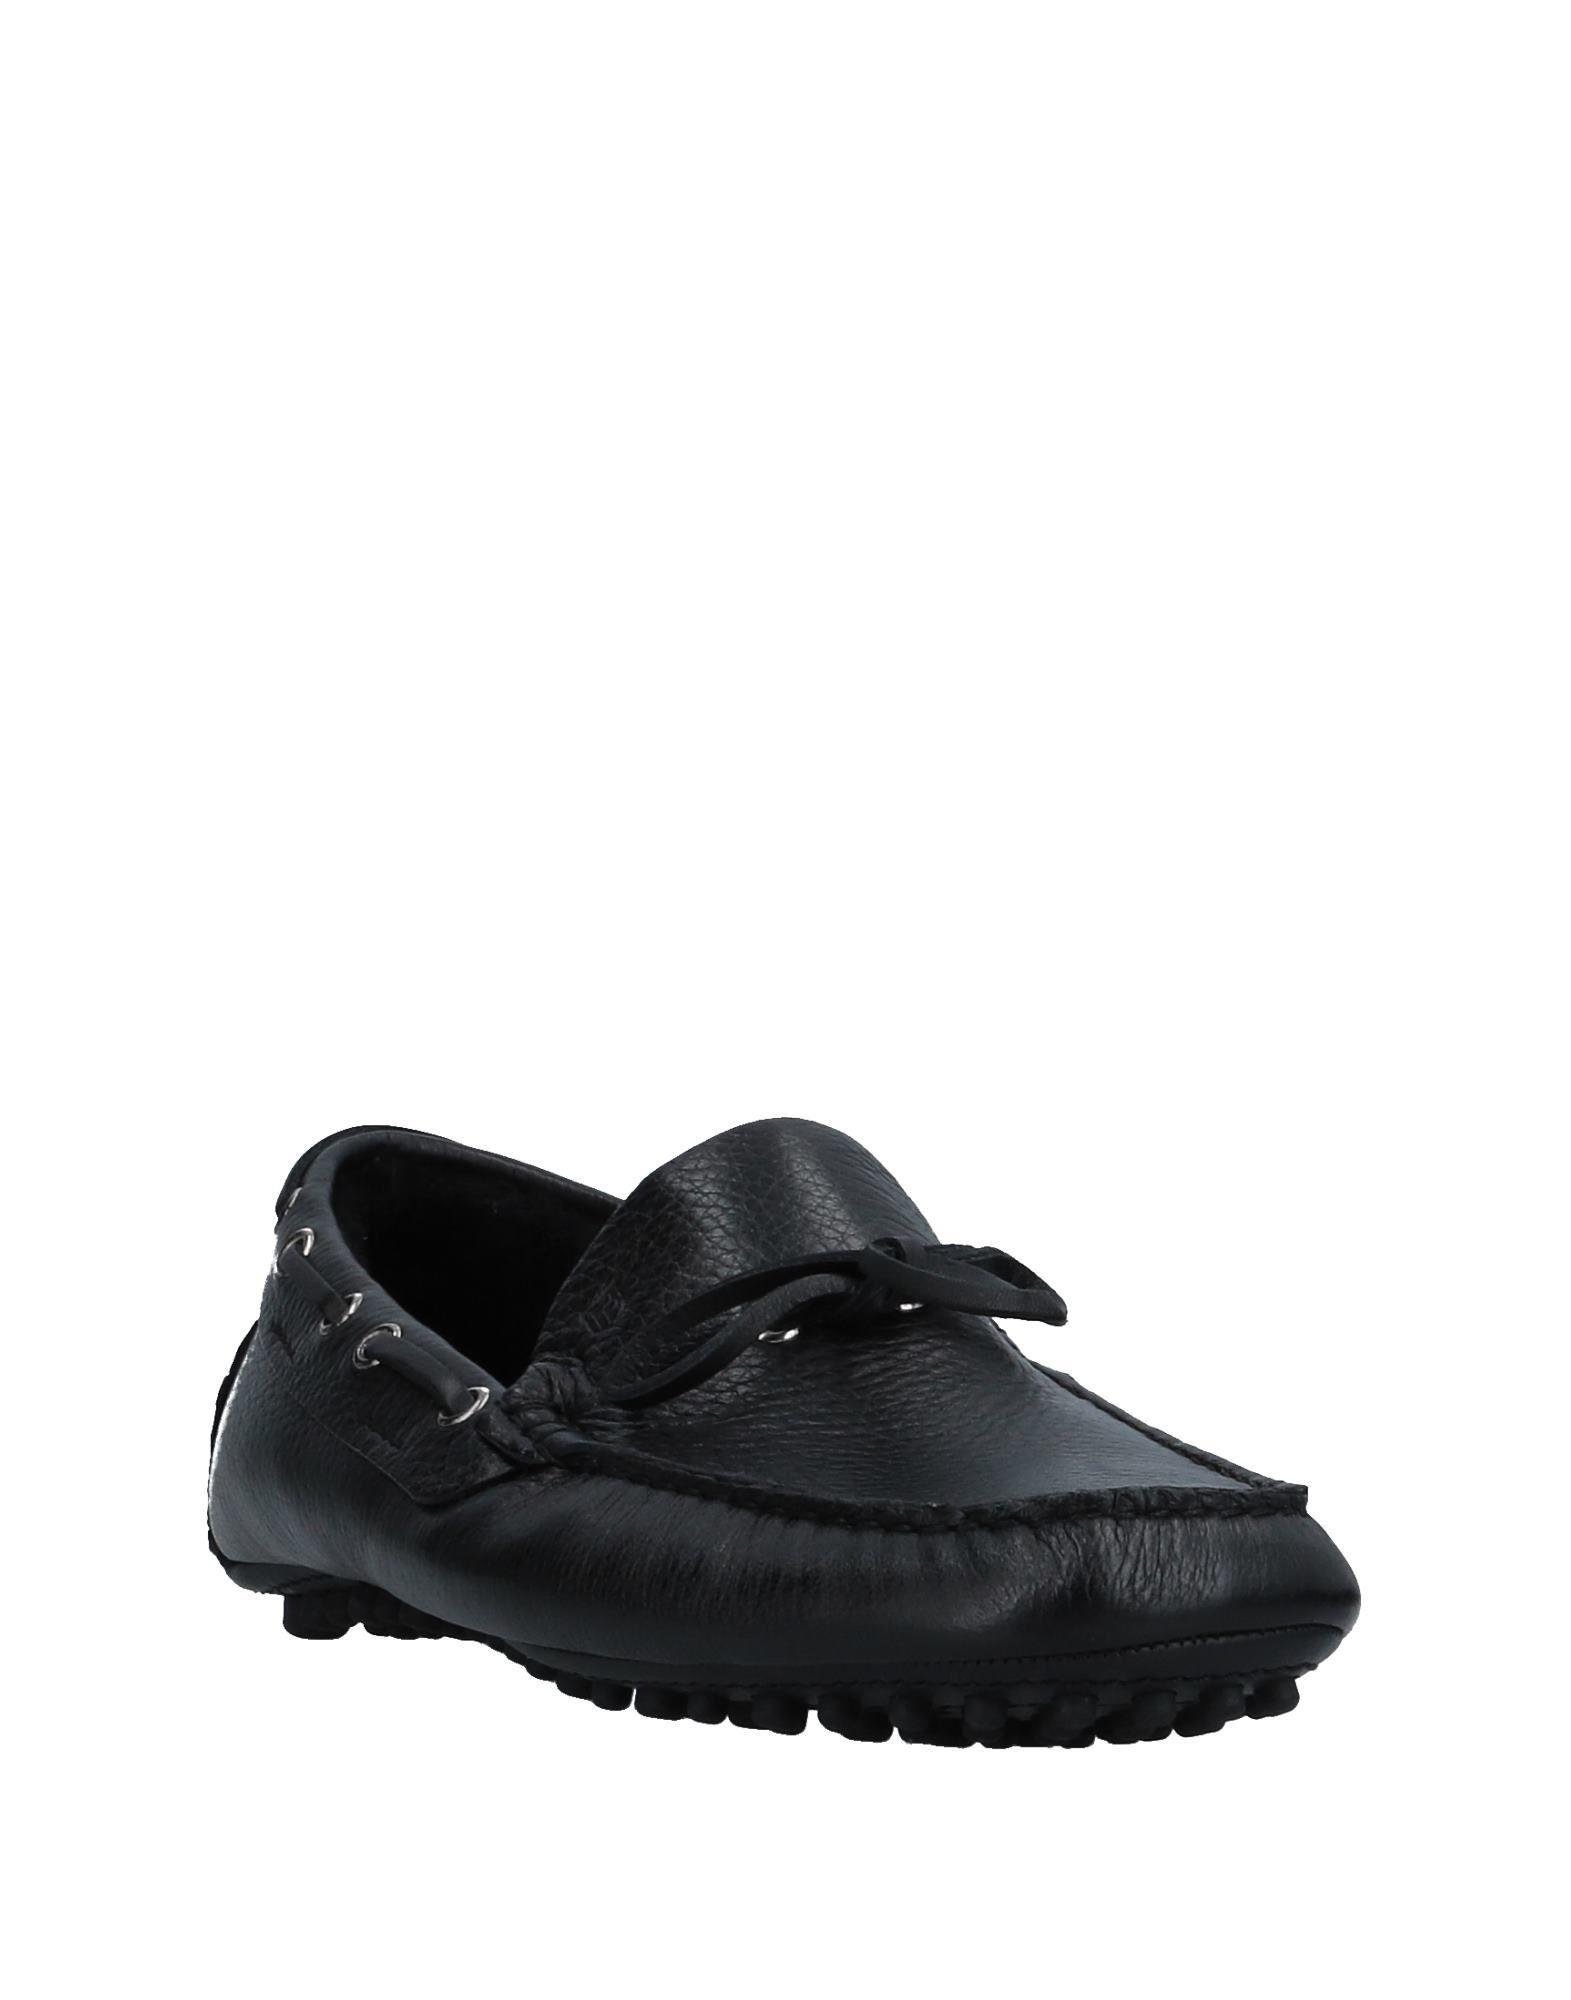 Rabatt Schuhe echte Schuhe Rabatt Pellettieri Di  Parma Mokassins Herren  11507933RR f56133